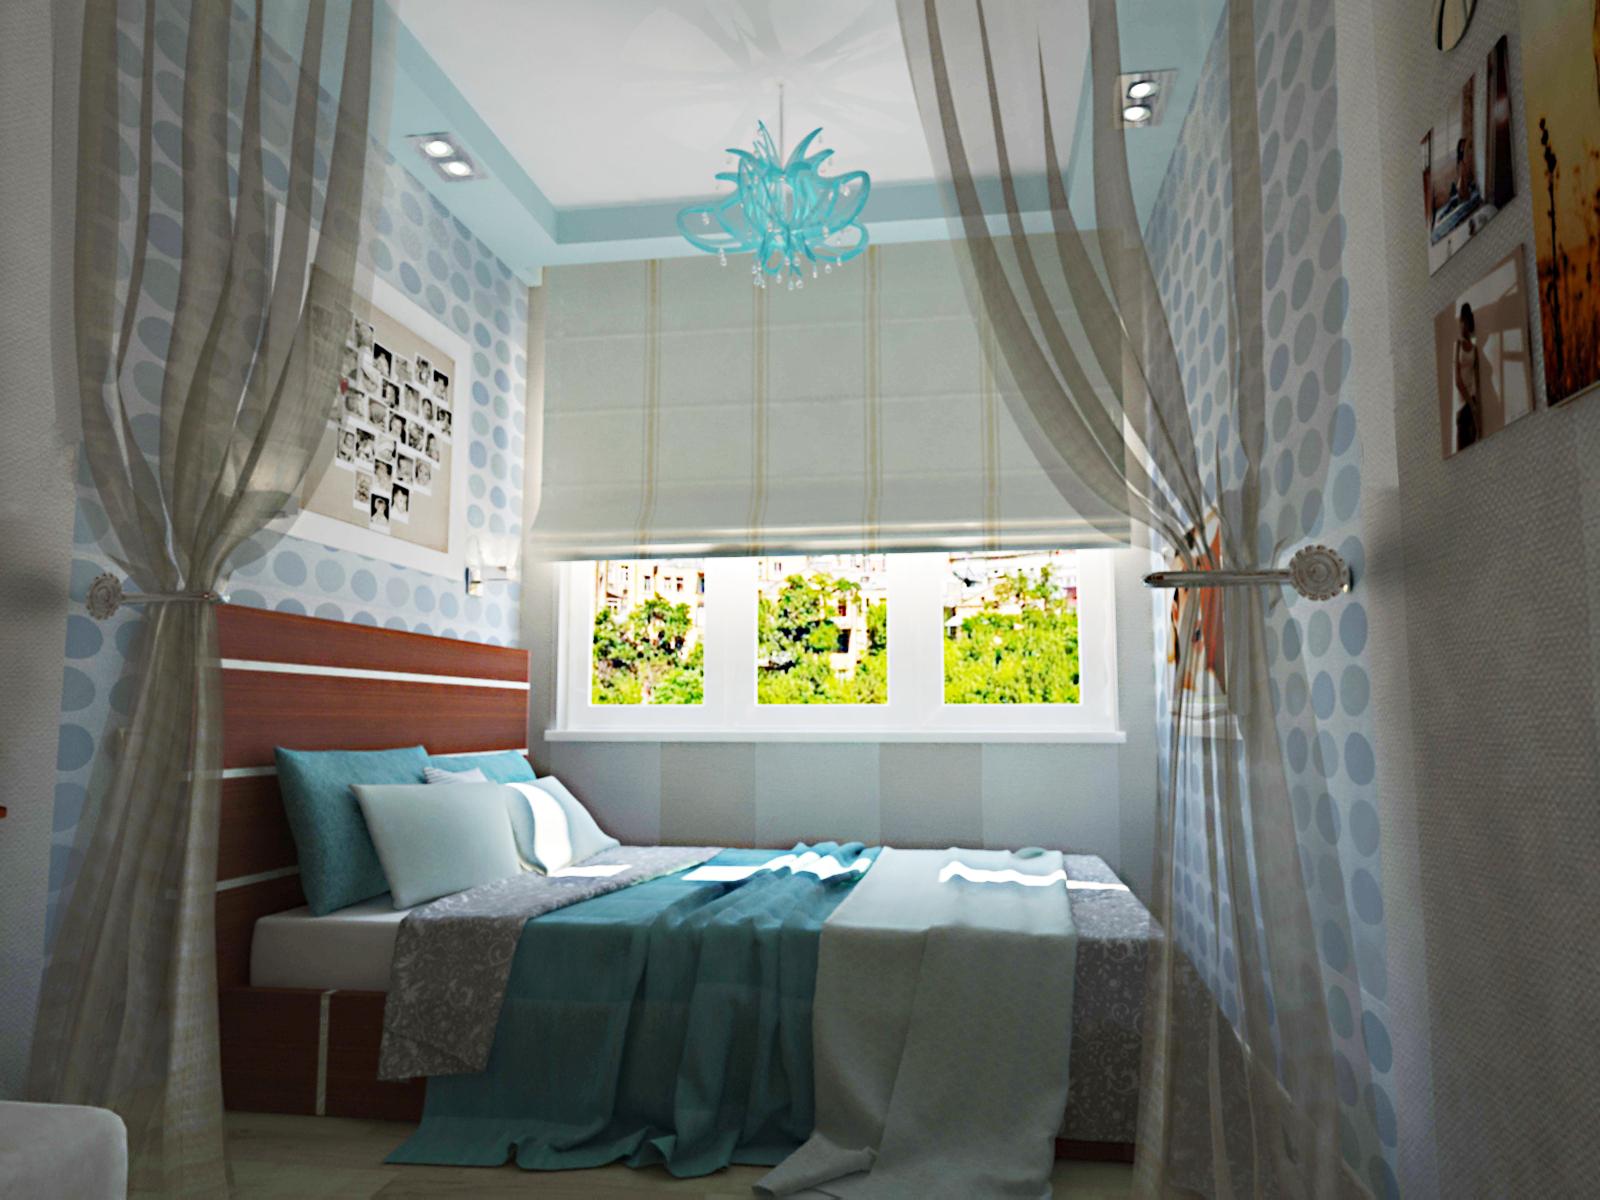 Интерьер детской узкой длинной комнаты - дизайнерини.